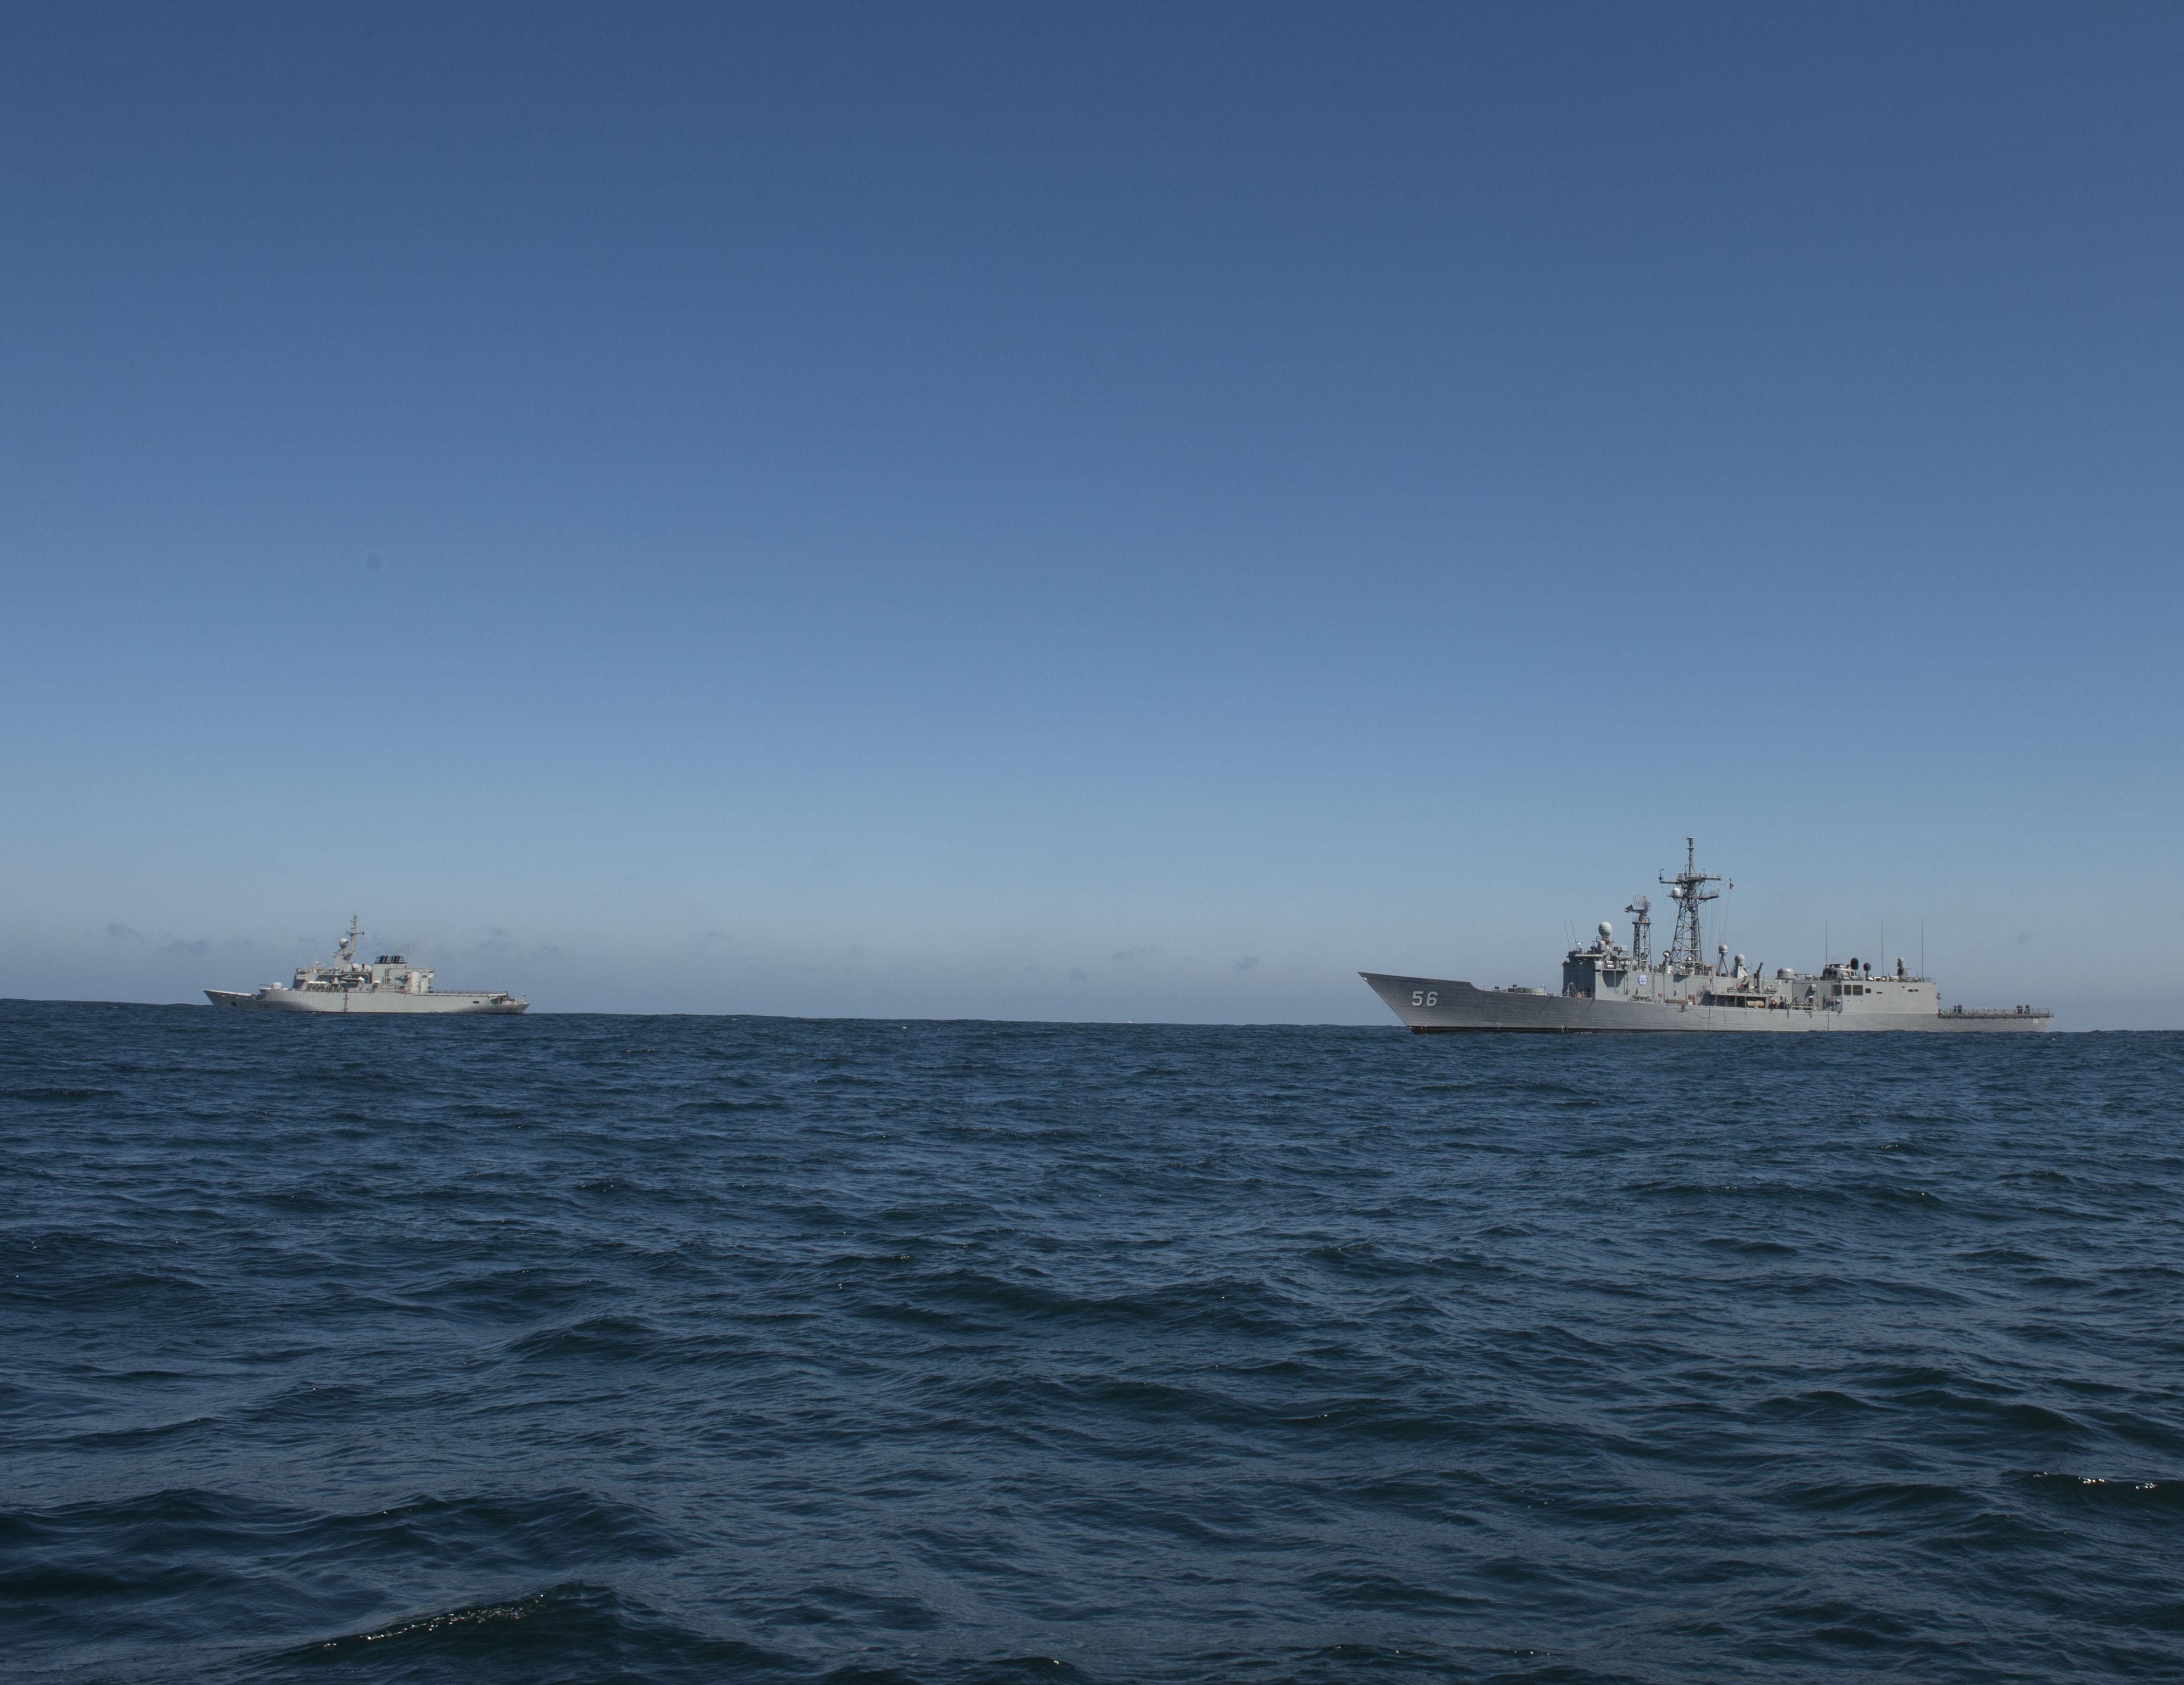 PASSEX 2014-3 : USS Simpson ( FFG56 ) et RMN Hassan II ( 612 ) 12990418494_1af317de44_o